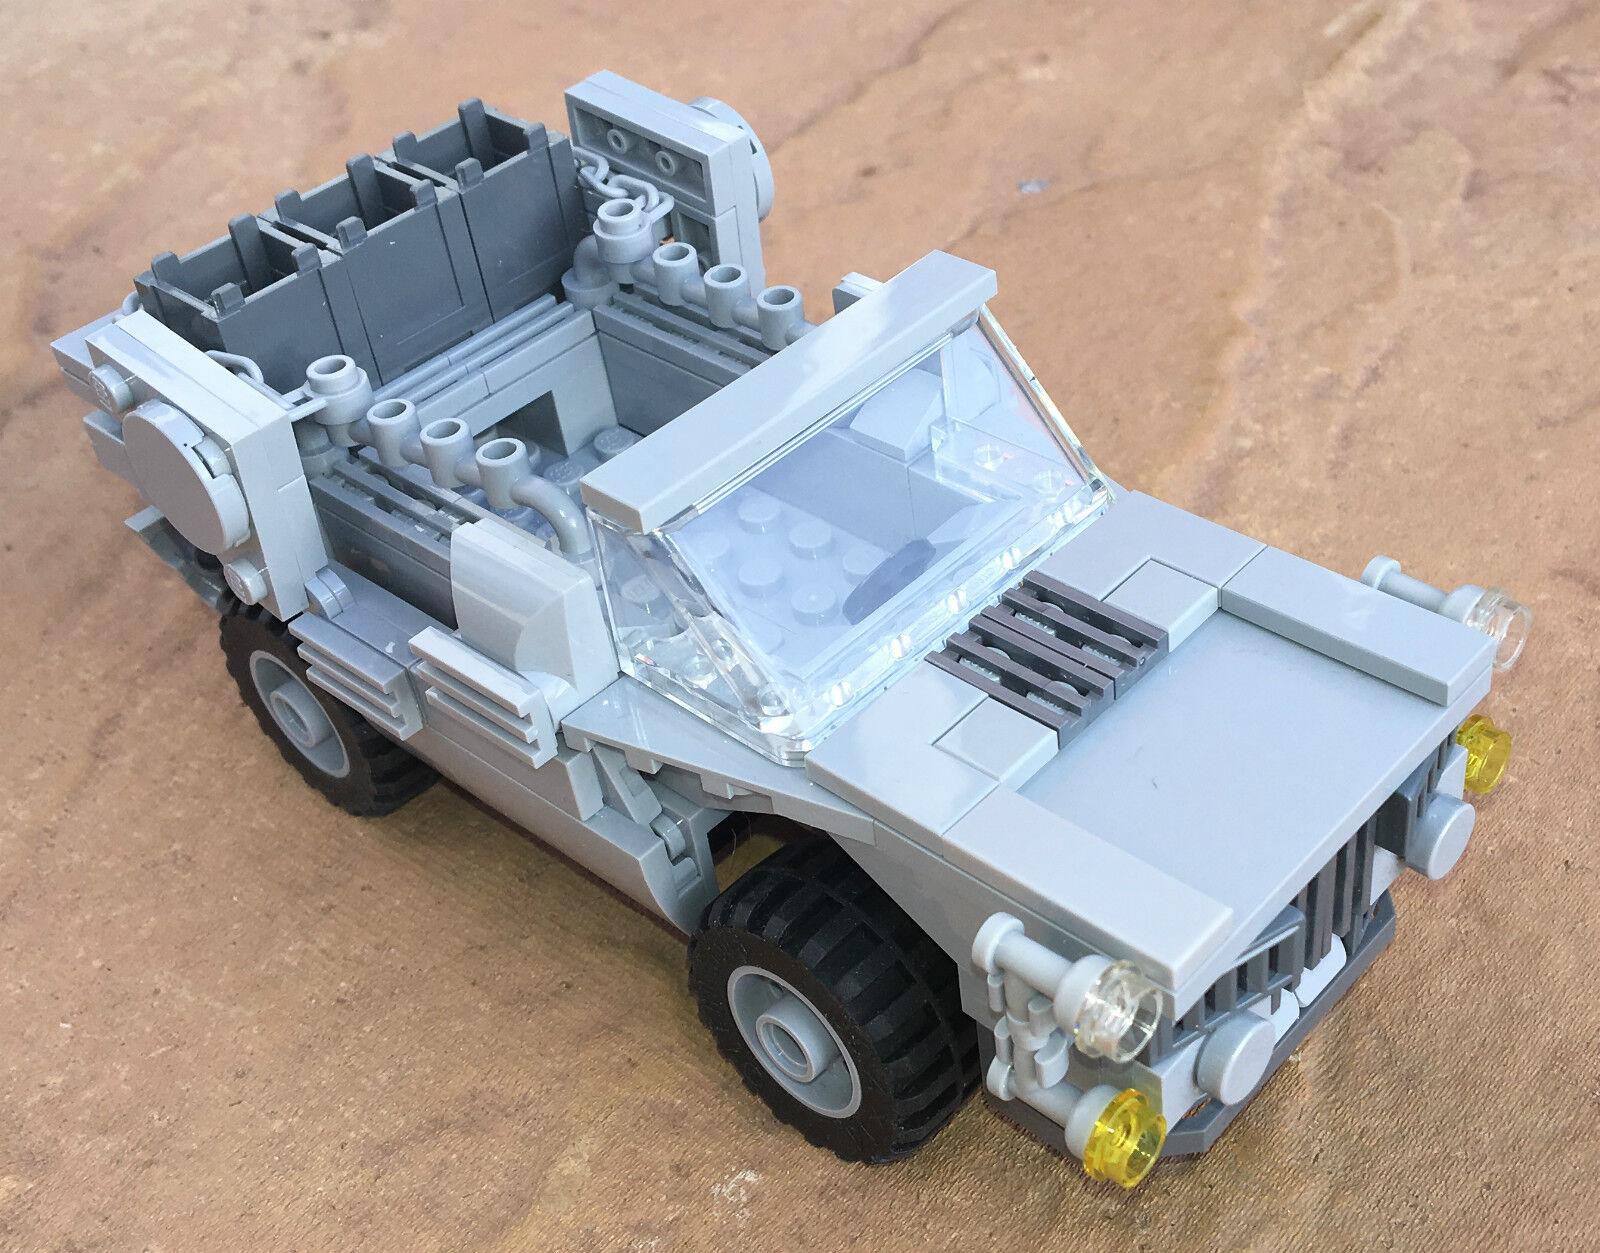 ORIGINALE Lego nuove parti-RICOGNIZIONE Mad  Max Auto Veicolo personalizzato-IL MIO Design  Garanzia del prezzo al 100%